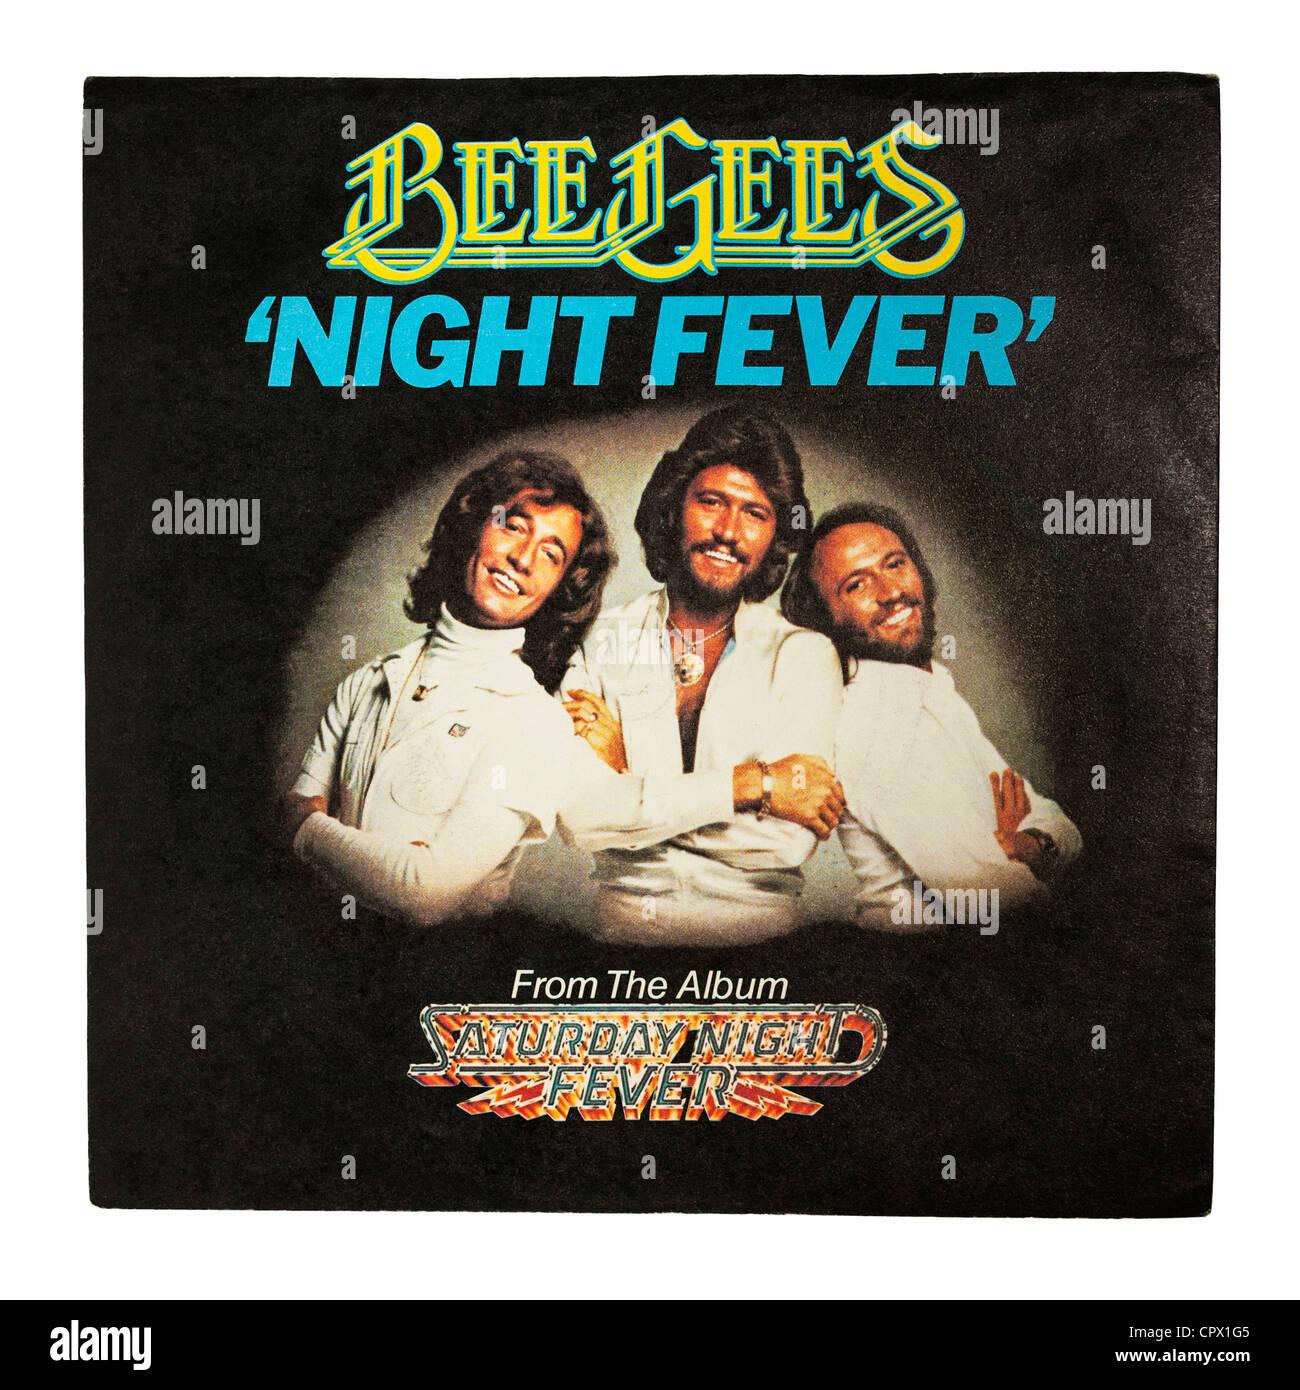 Bee Gees zu viel Himmel offizielles Video